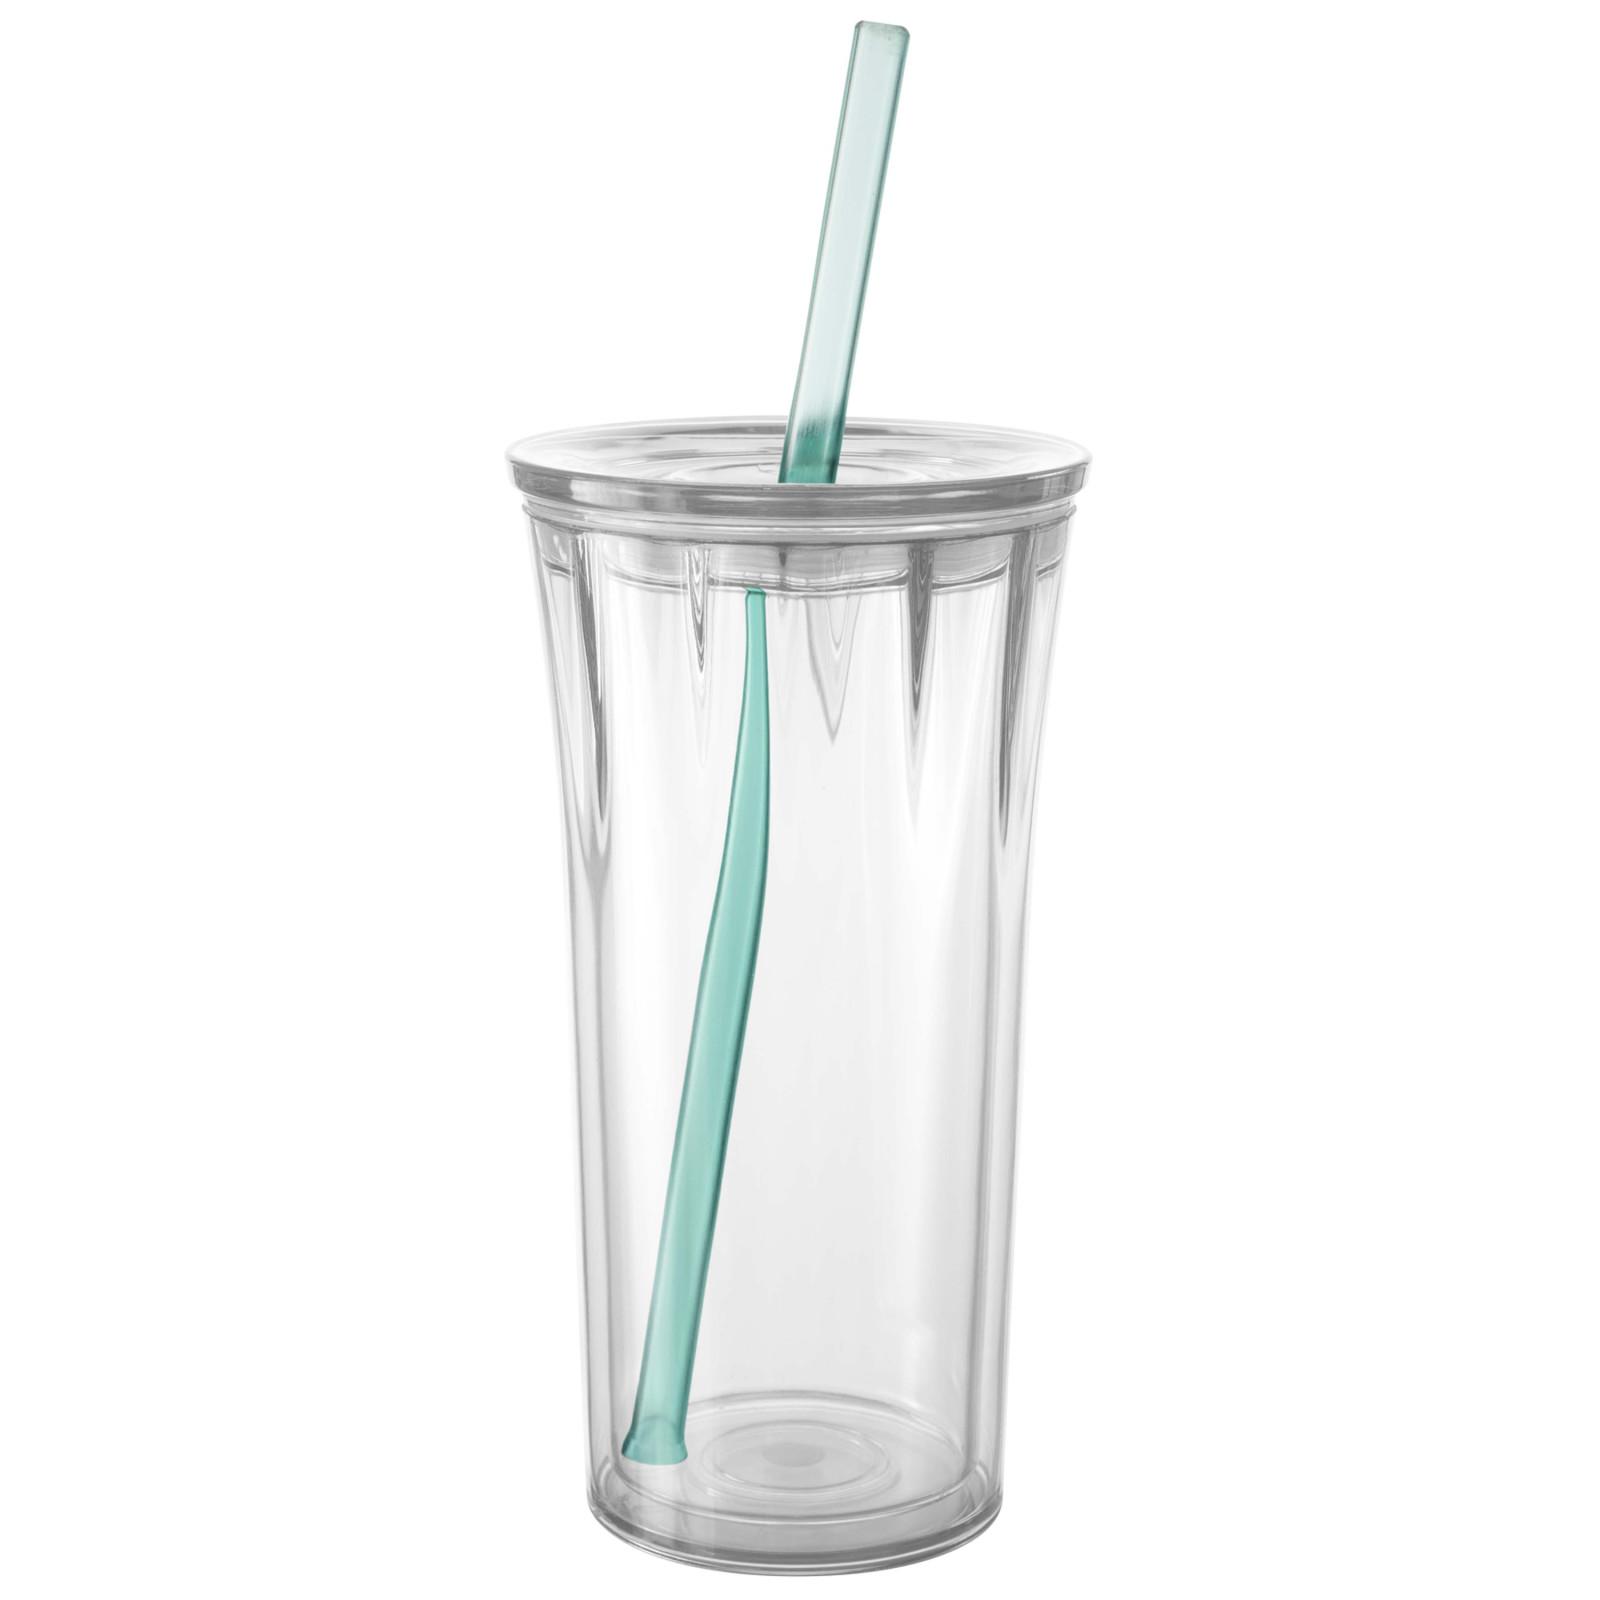 Reusable Glass Tumbler